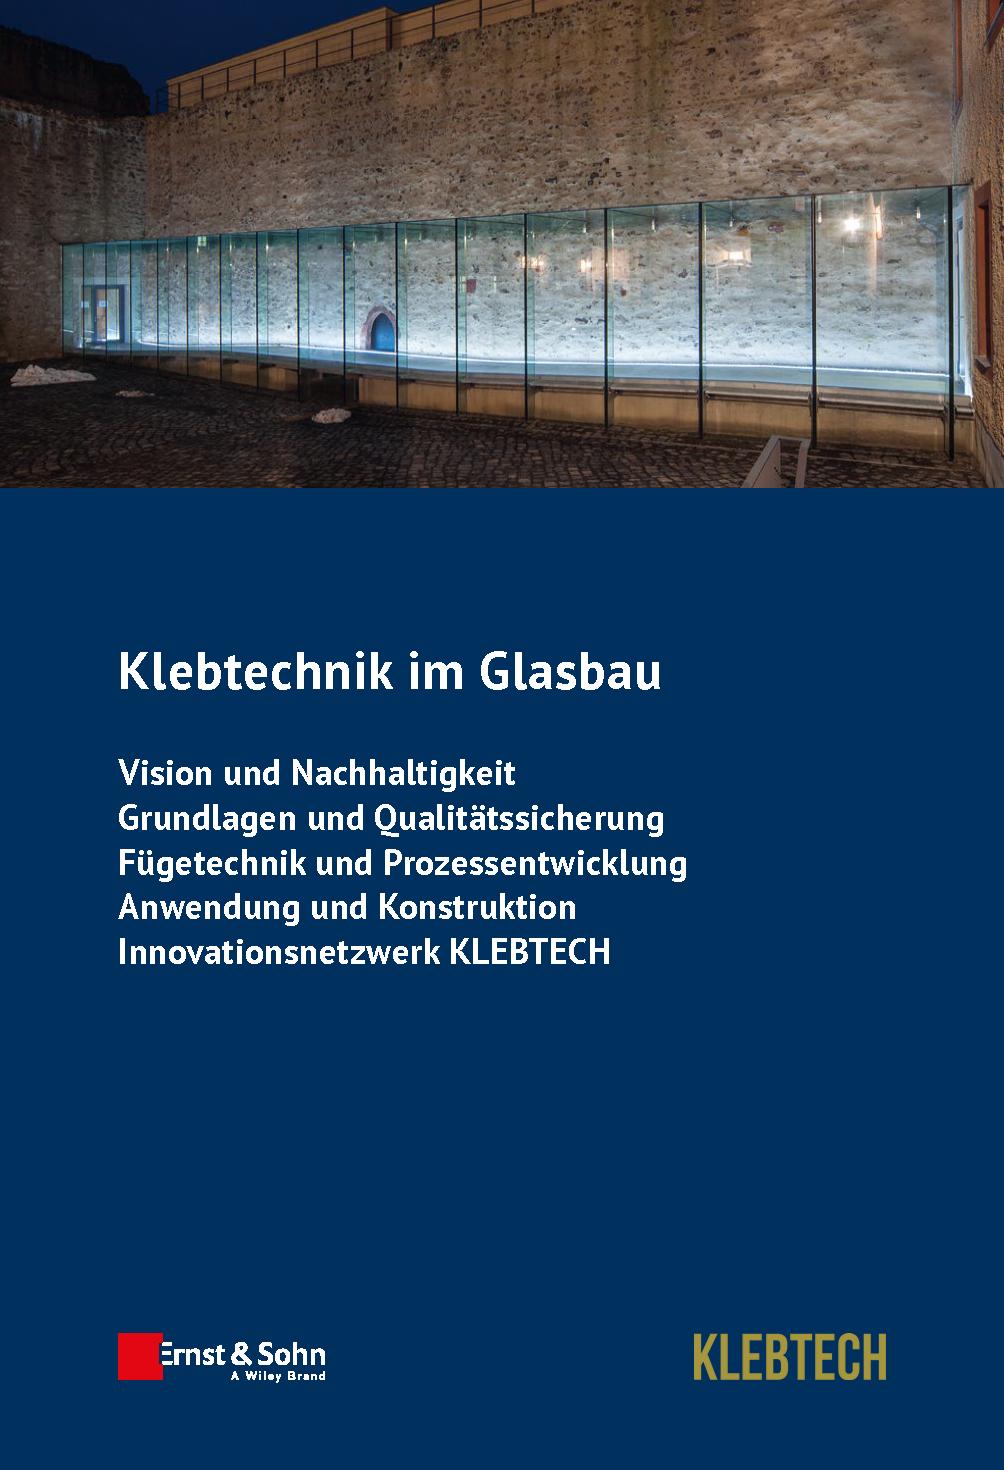 Fachübergreifendes KLEBTECH Symposium (online) am 23.09.21